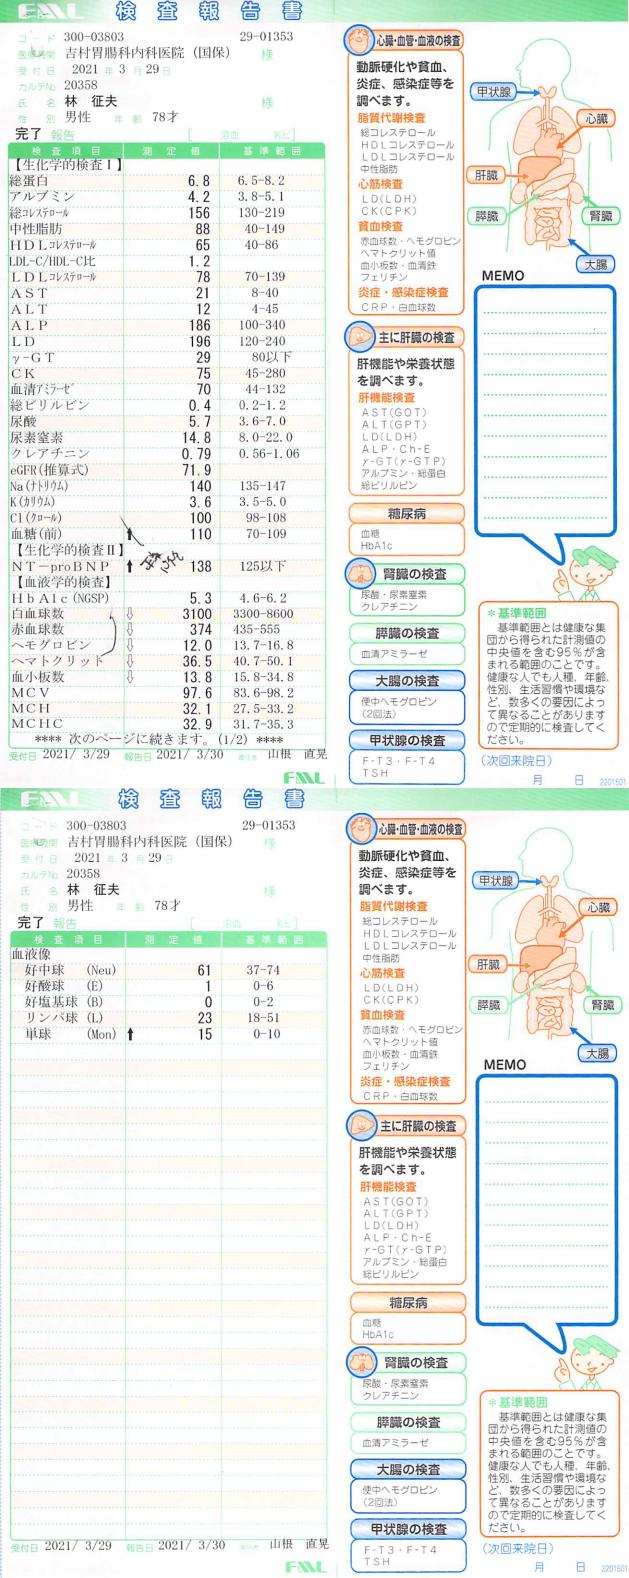 f:id:ogohnohito:20210429103530p:image:right:w120